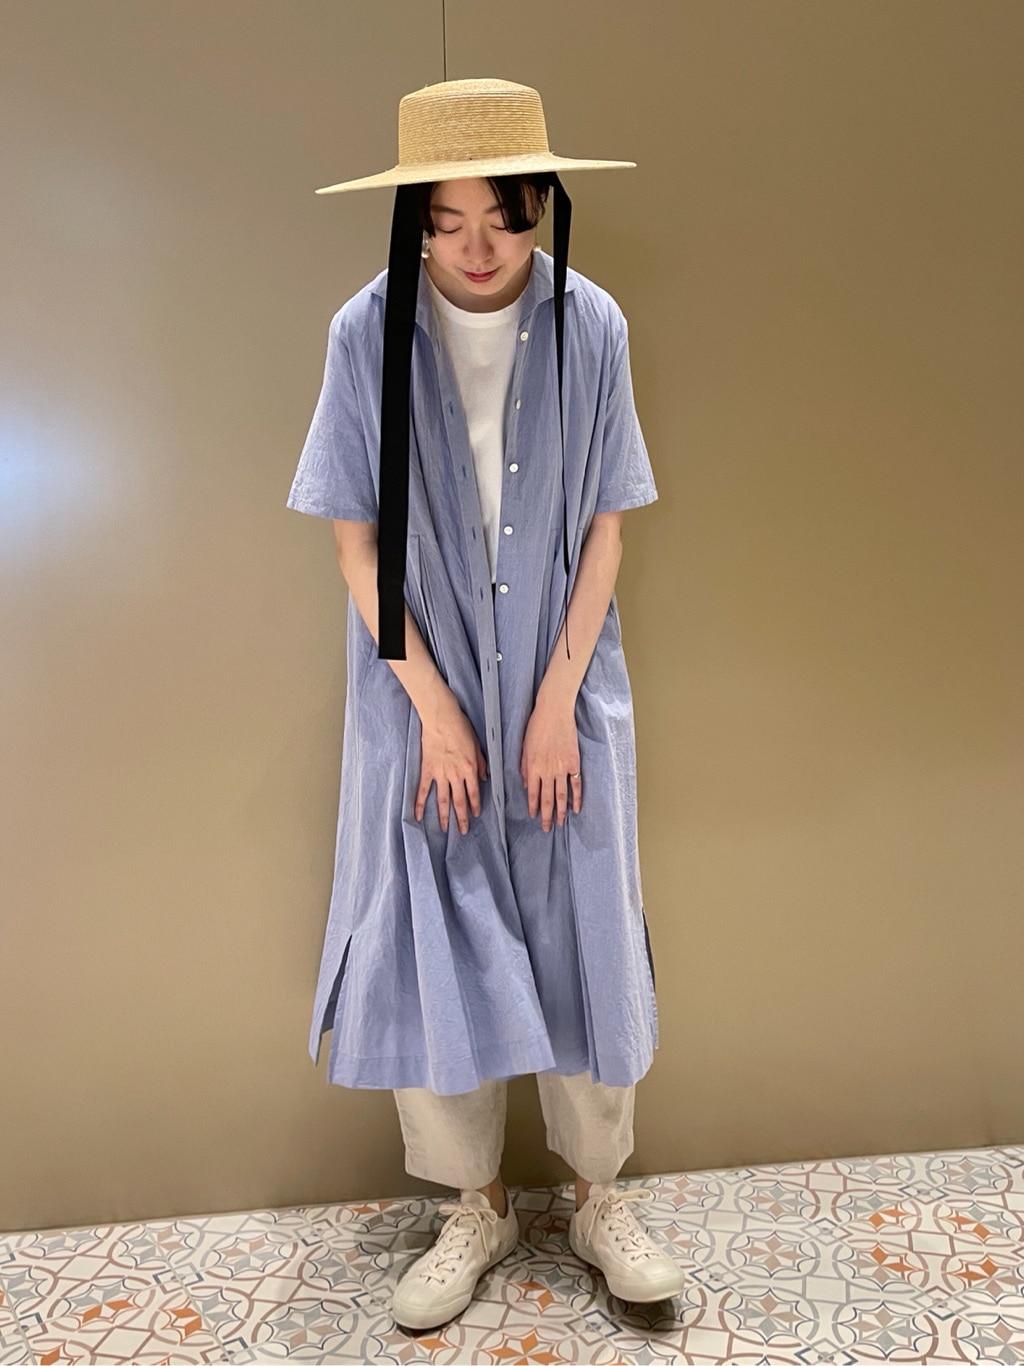 yuni ニュウマン横浜 身長:166cm 2021.04.05